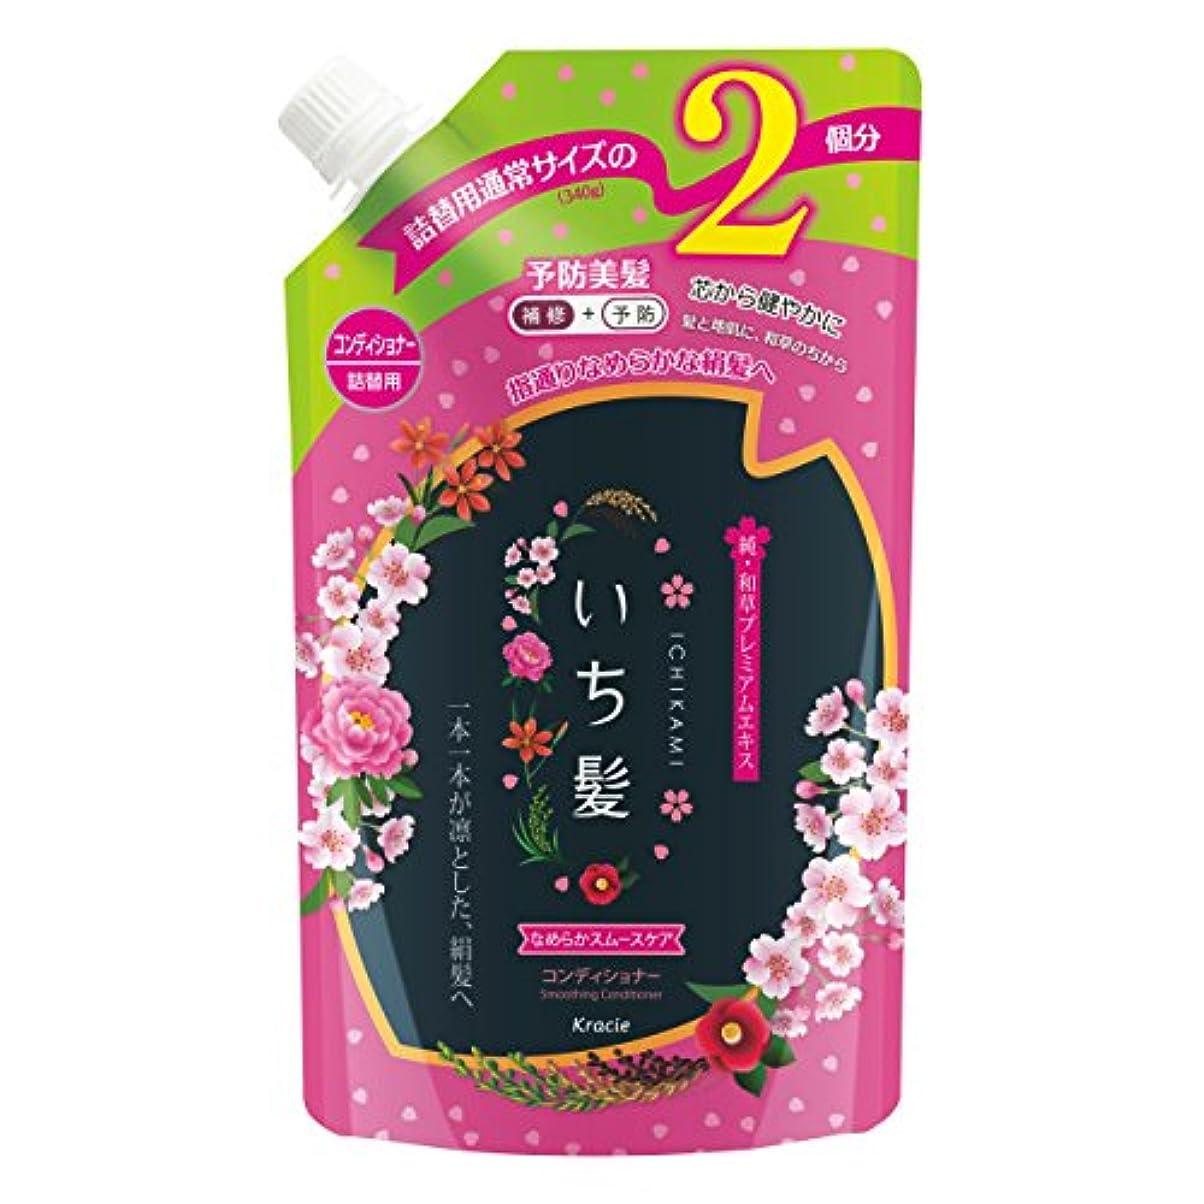 性的商人中国いち髪 なめらかスムースケア コンディショナー 詰替用2回分 680g